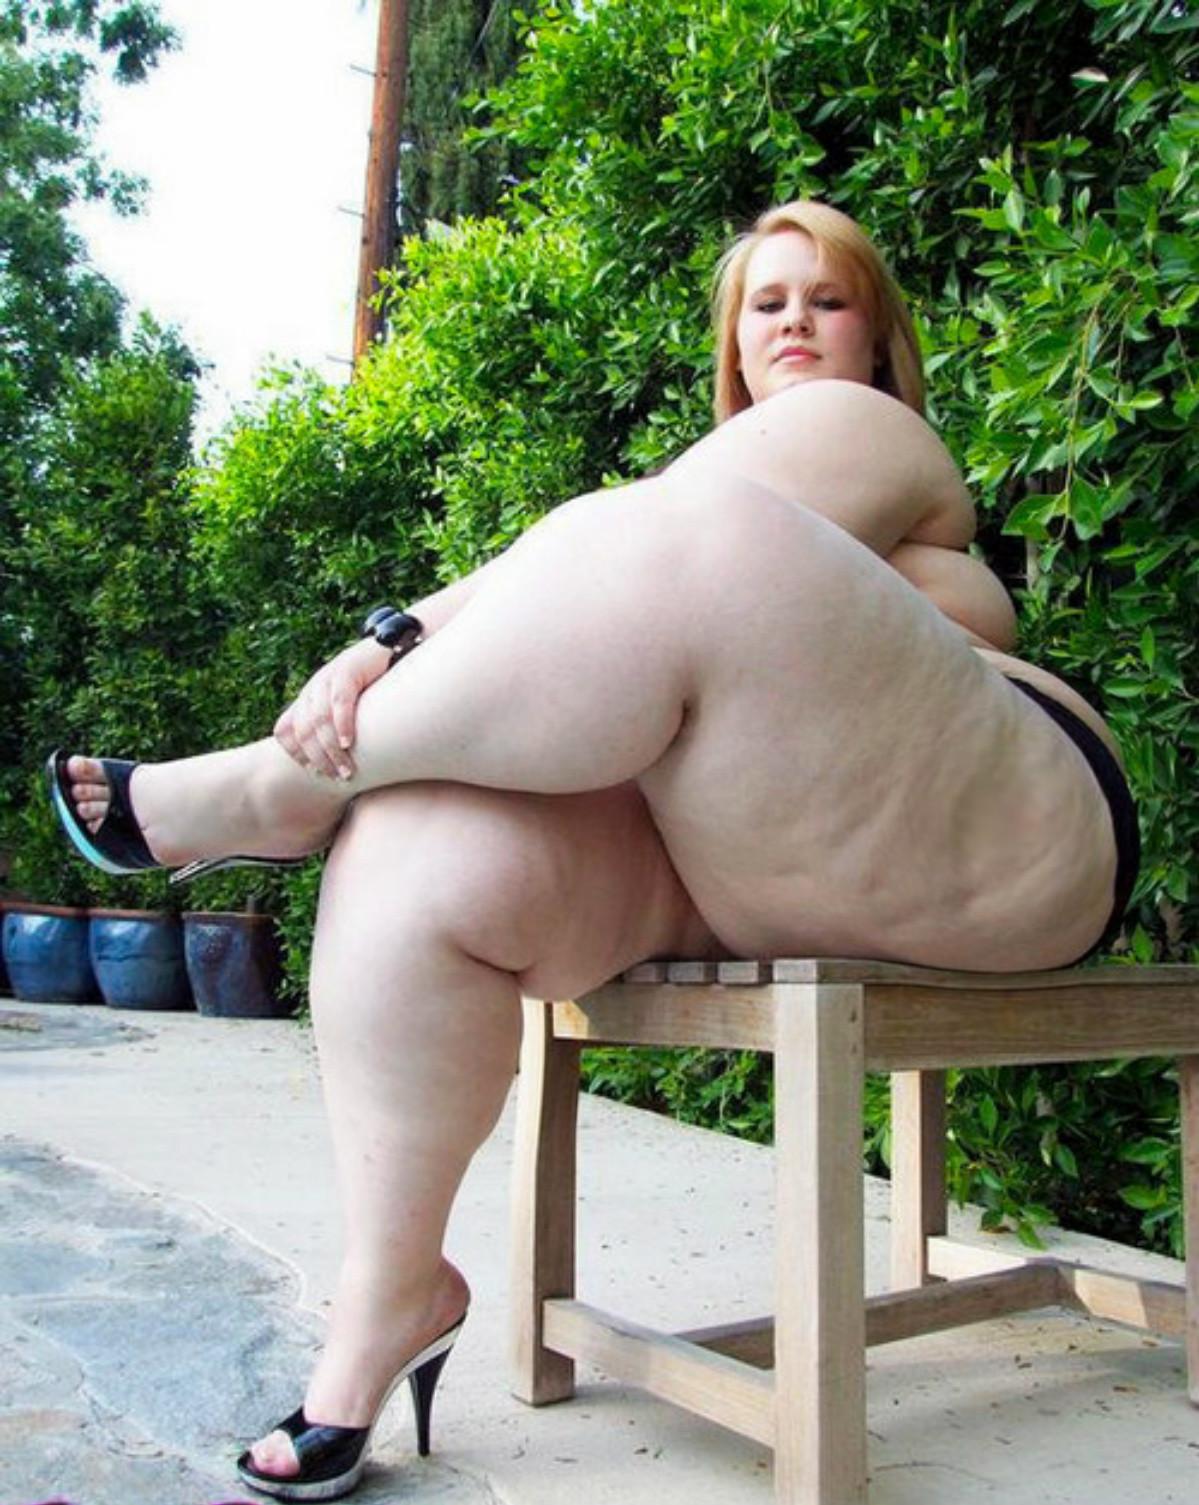 Эро фото женщин с толстыми бедрами 19 фотография